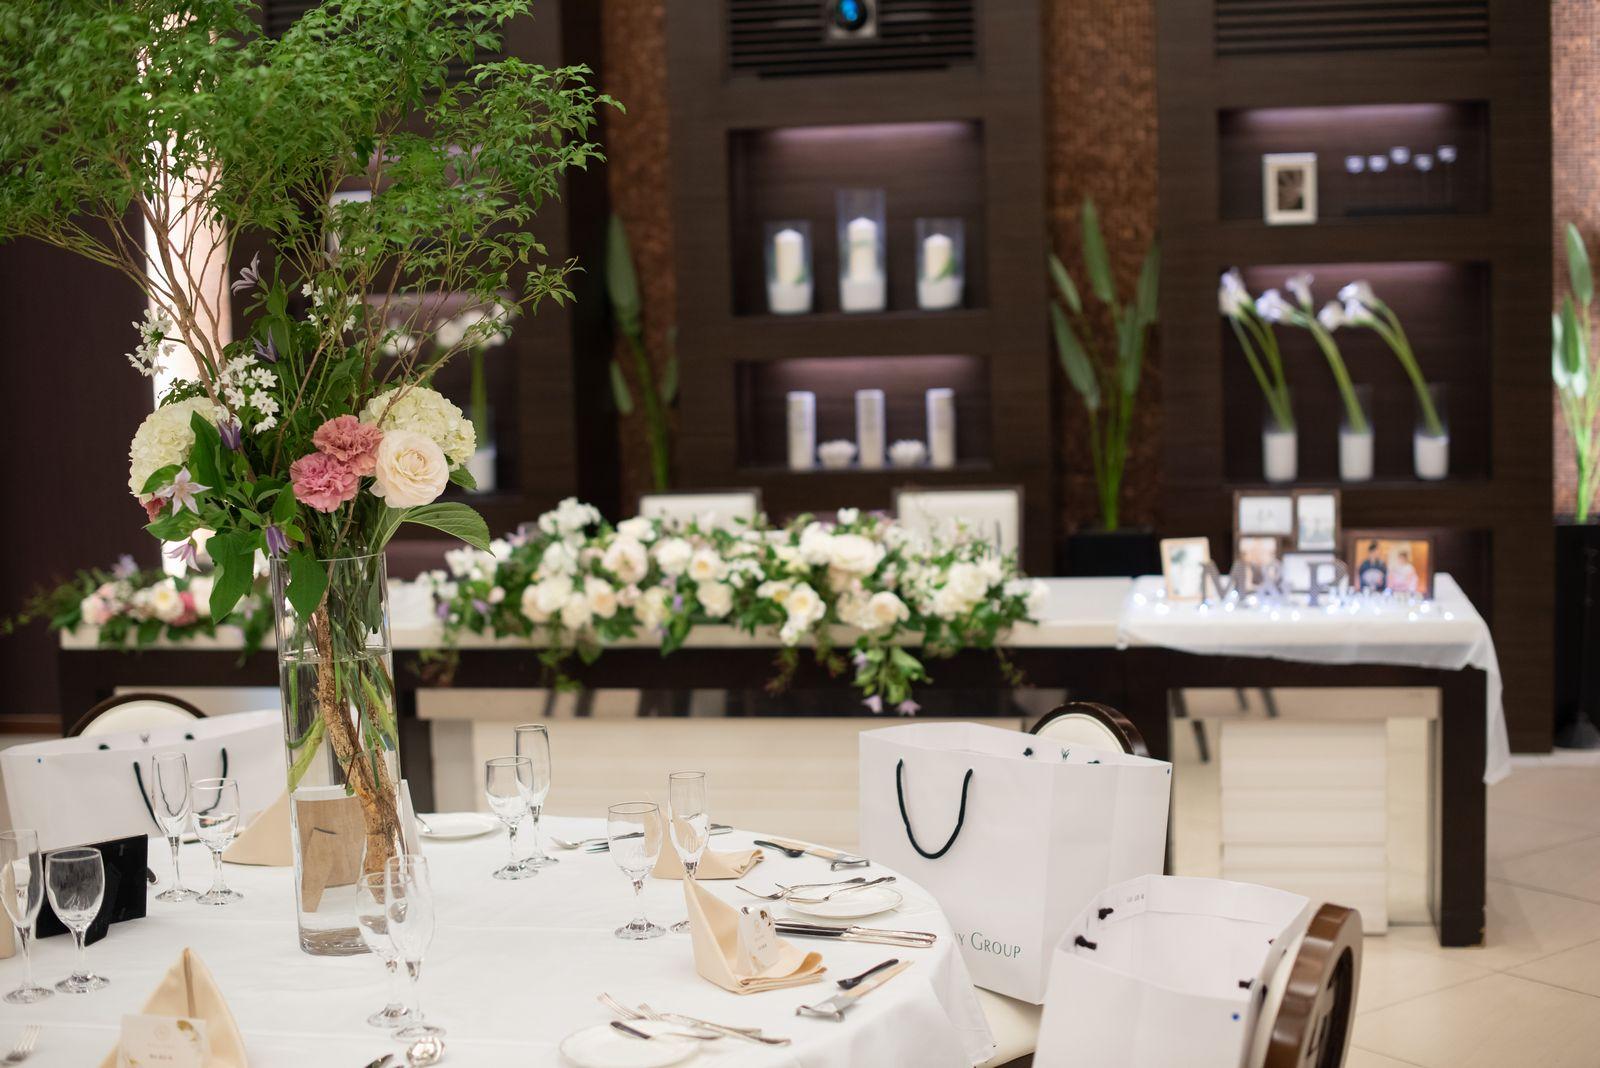 徳島市の結婚式場ブランアンジュの披露宴会場で森っぽくグリーンと、くすみピンクも取り入れたナチュラルコーディネート